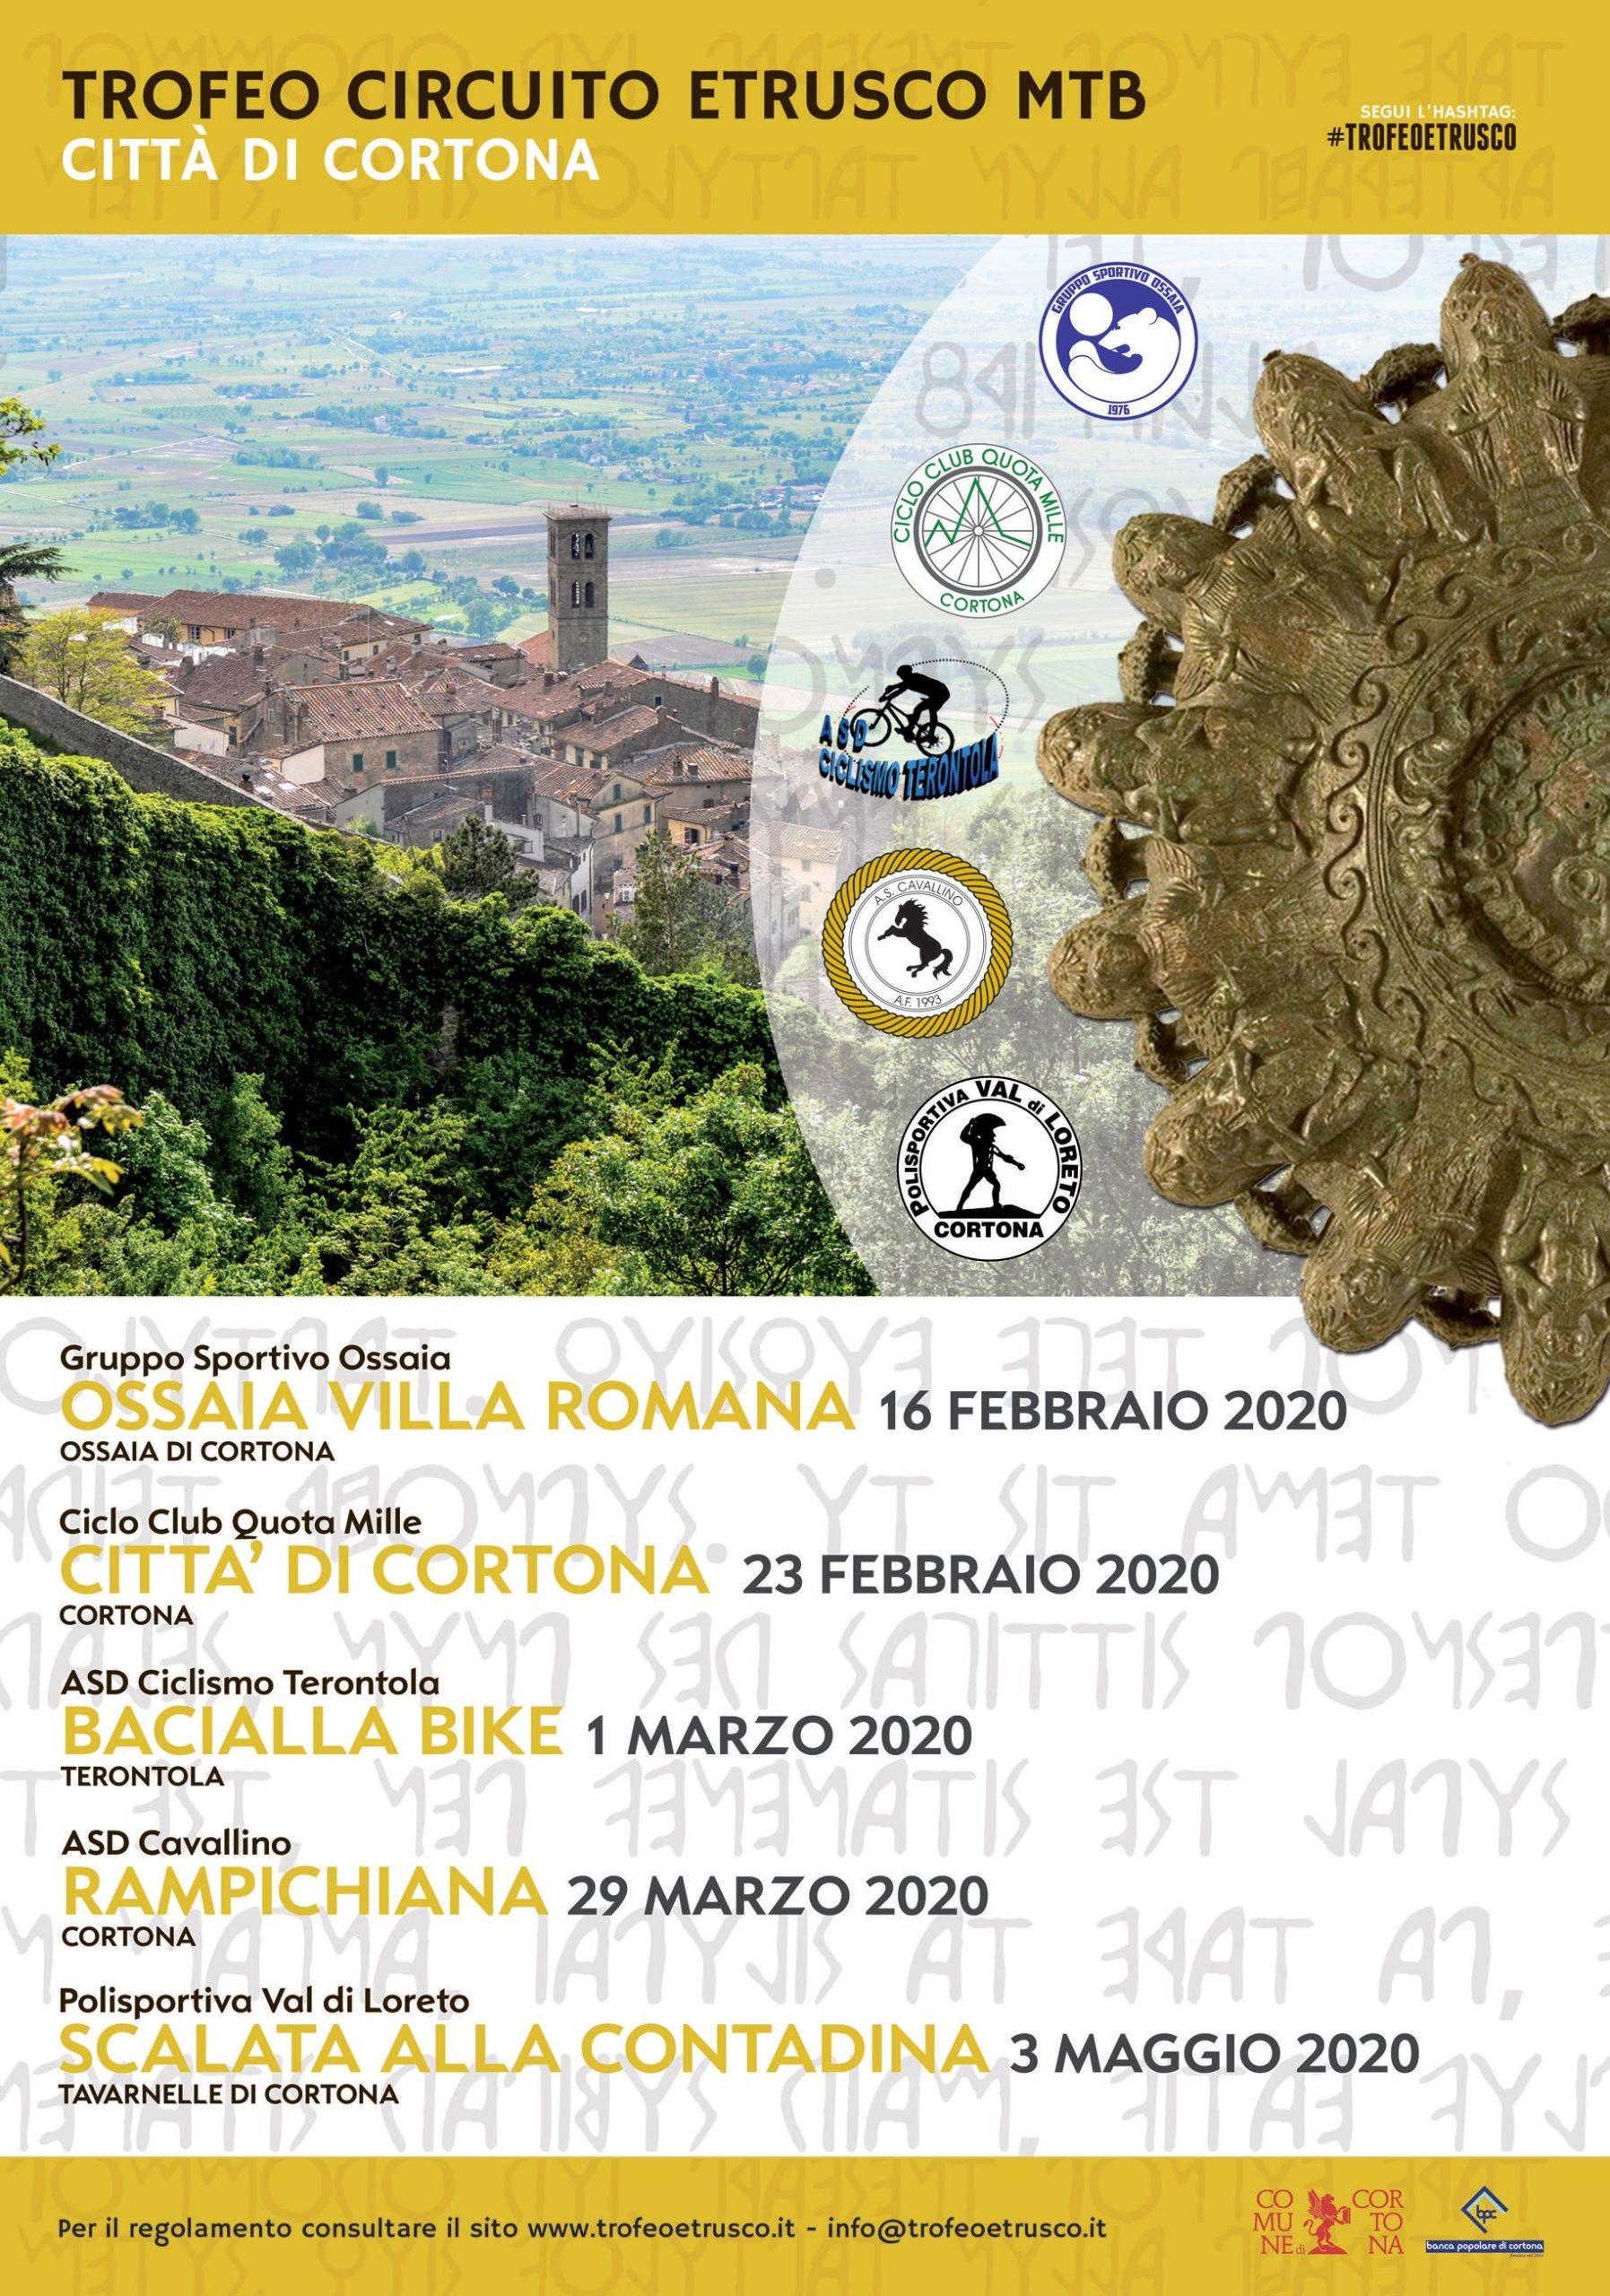 Con il Circuito Etrusco e il Trail Cortona conferma il suo potenziale come Città dello Sport